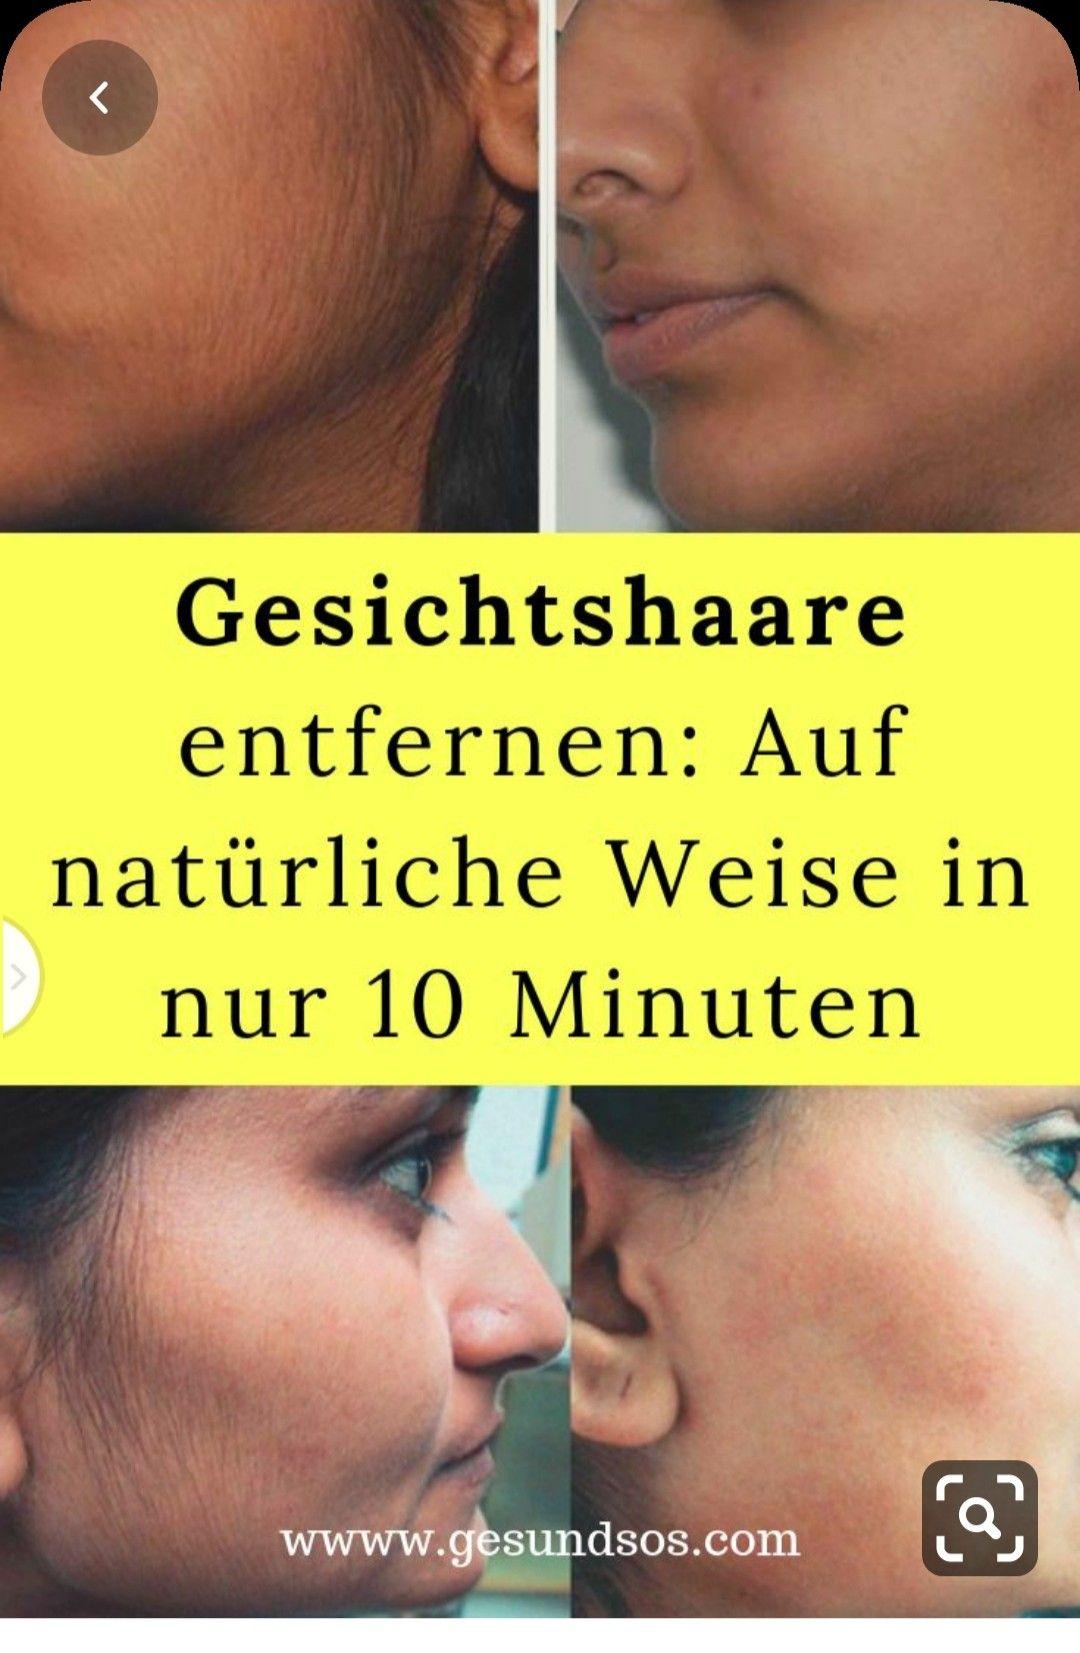 Gesichtshaare Entfernen Auf Natürliche Weise In Nur 10 Minuten Gesichtshaare Entfernen Gesicht Frisches Gesicht